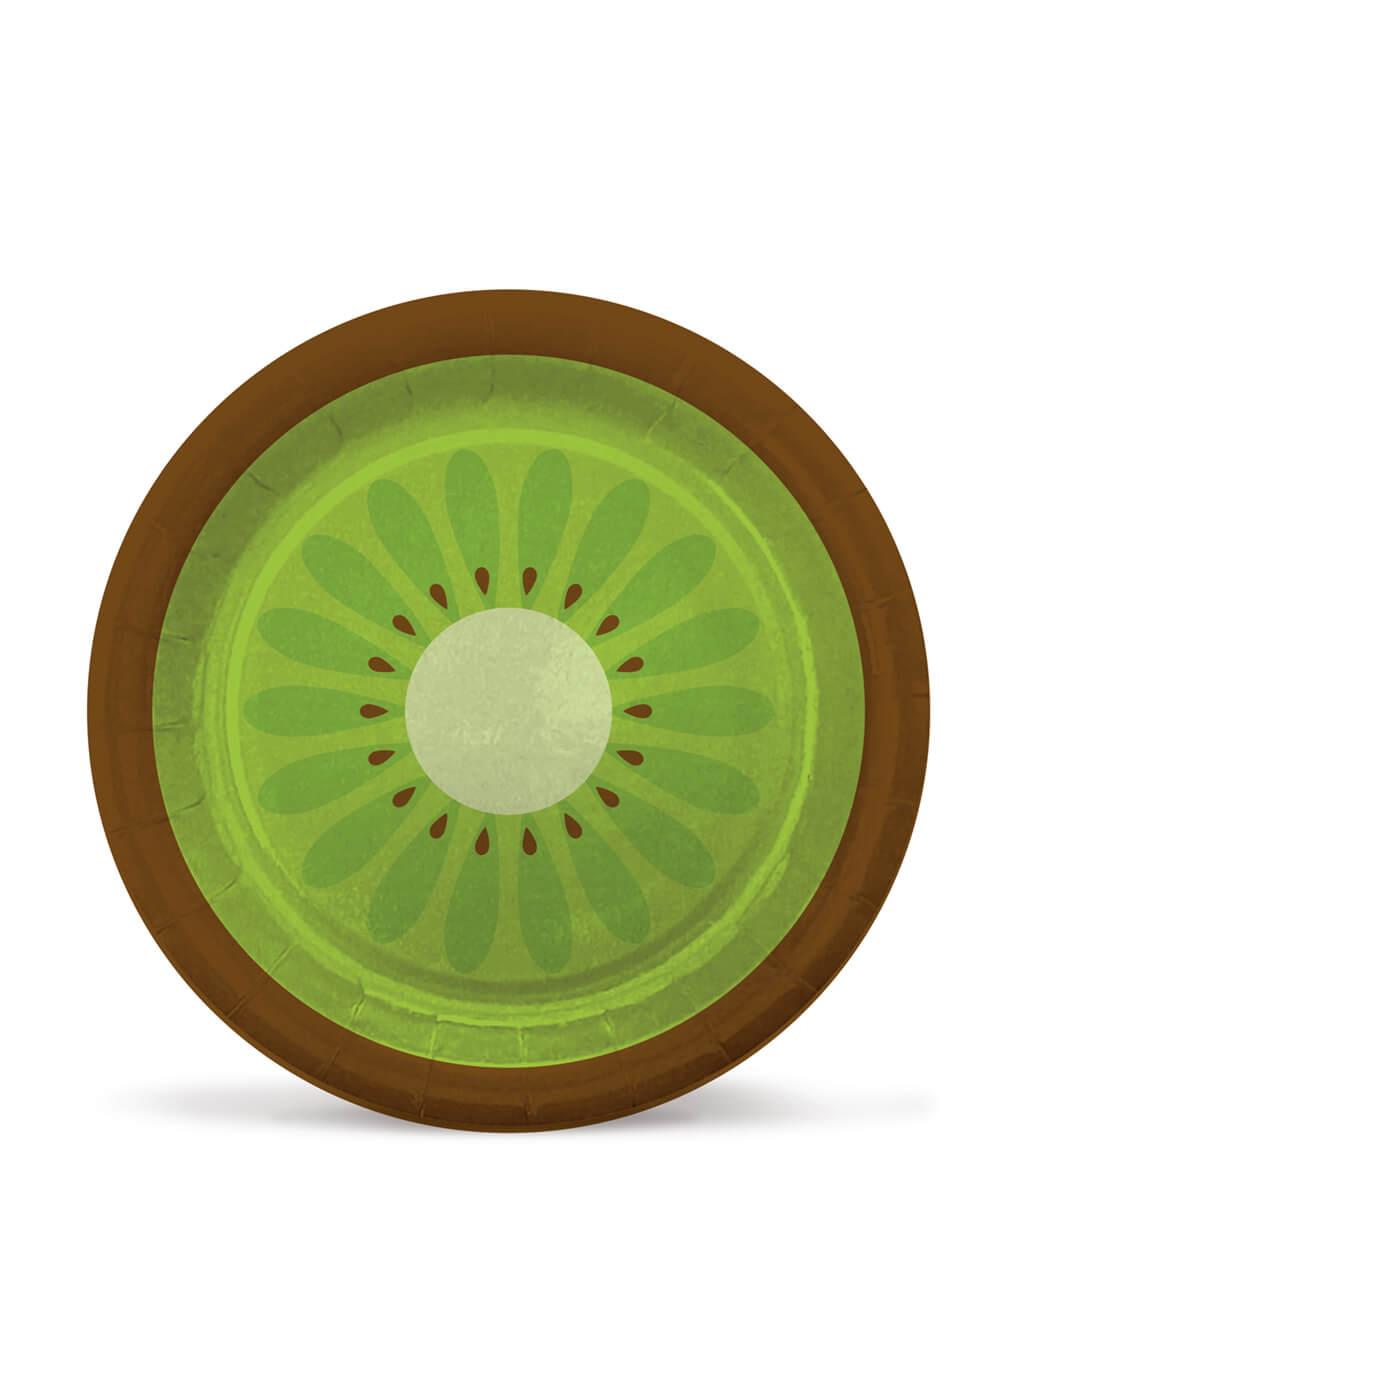 Imagen de producto: https://tienda.postreadiccion.com/img/articulos/secundarias12985-8-platos-surtidos-de-fruta-1.jpg